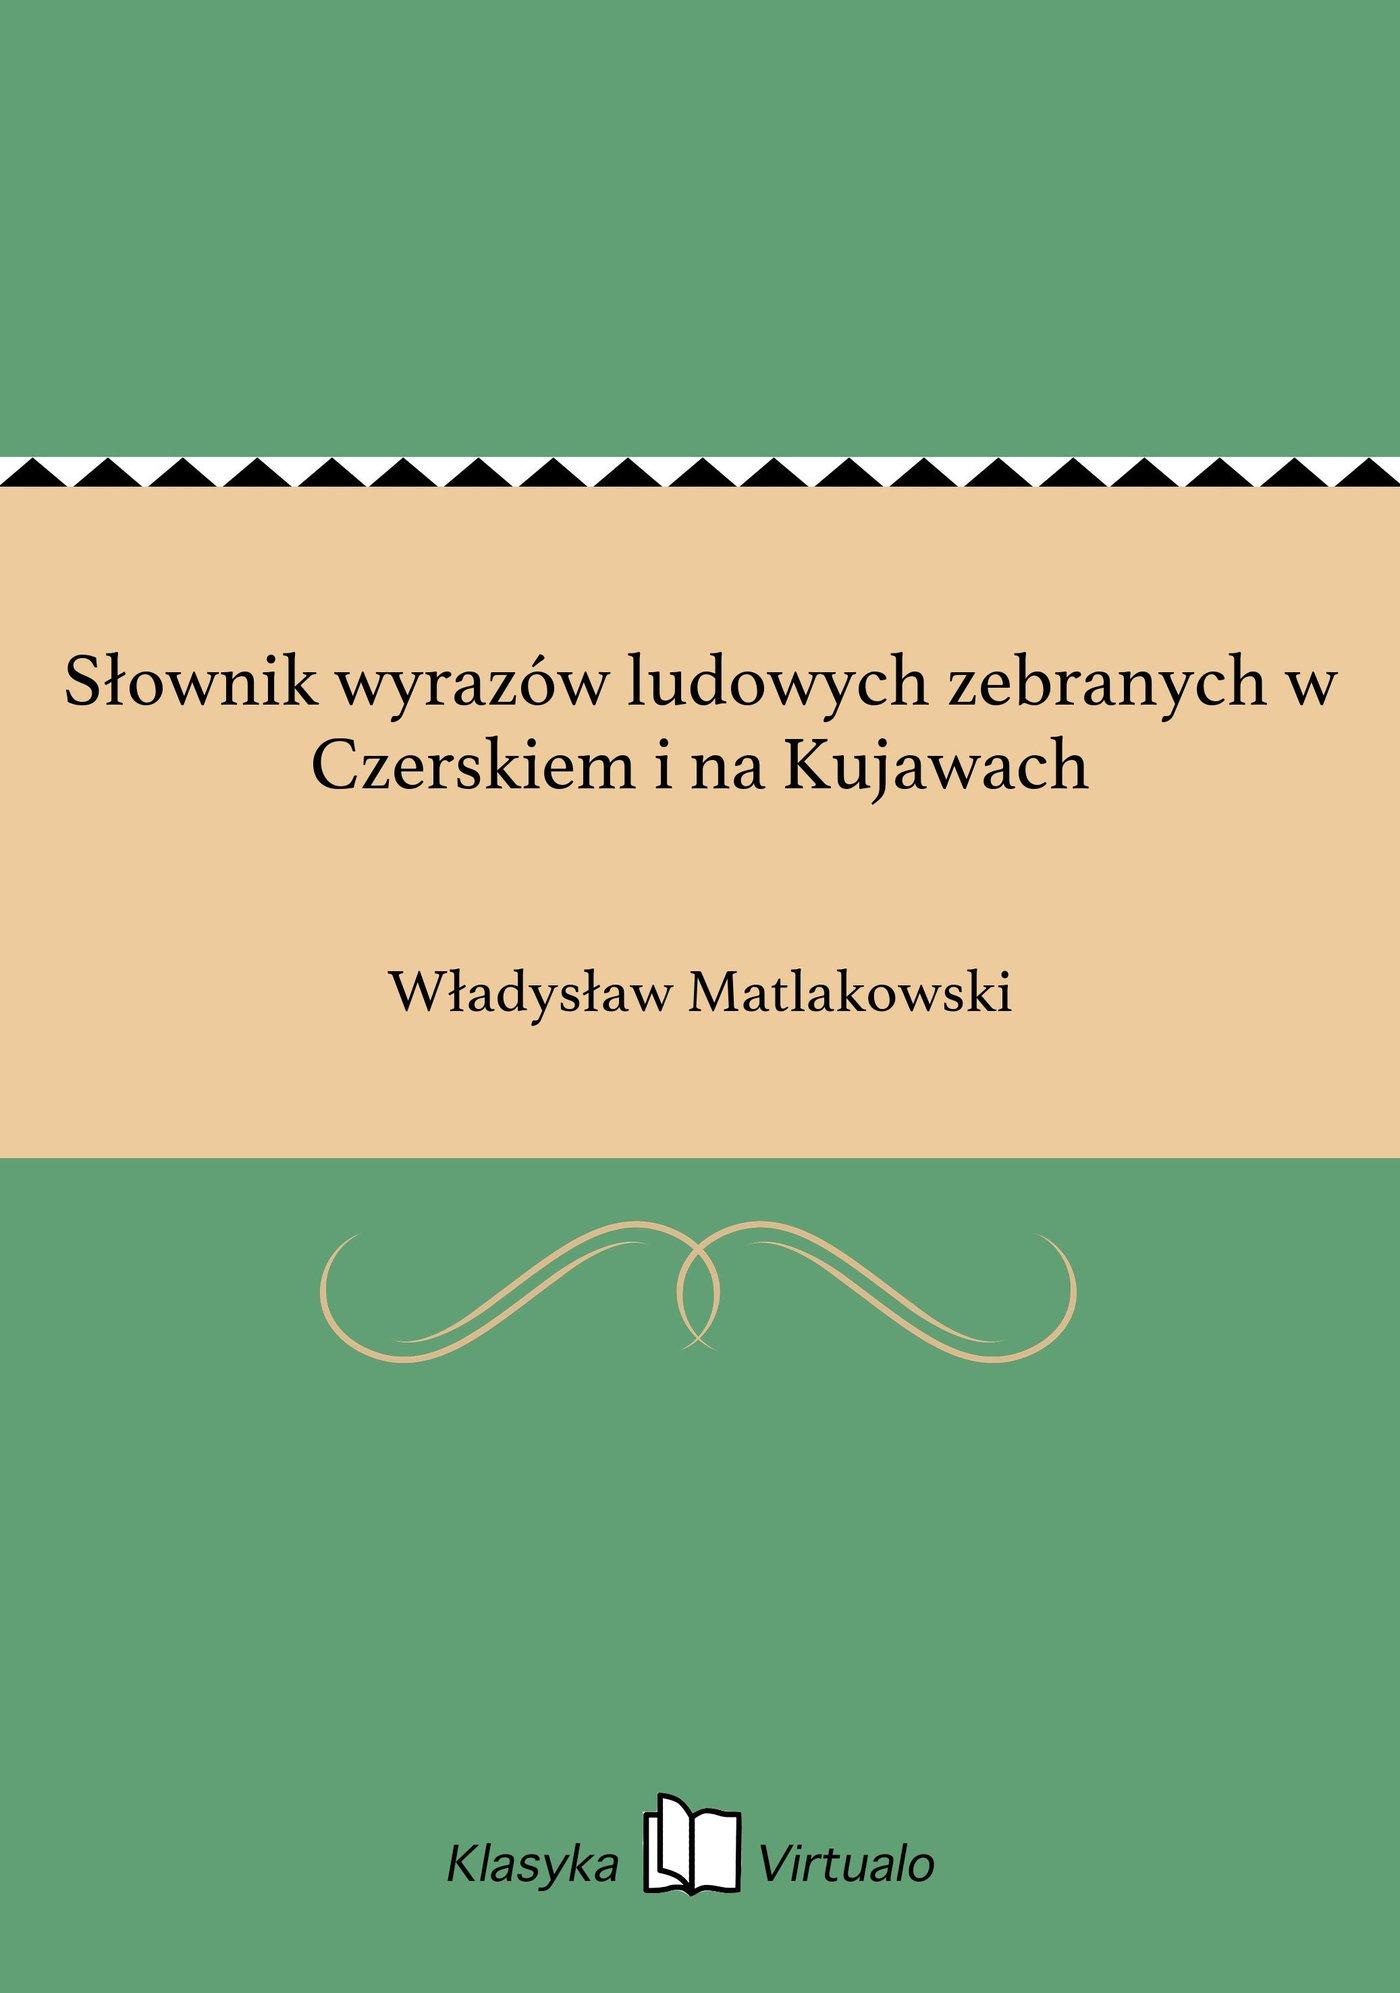 Słownik wyrazów ludowych zebranych w Czerskiem i na Kujawach - Ebook (Książka EPUB) do pobrania w formacie EPUB